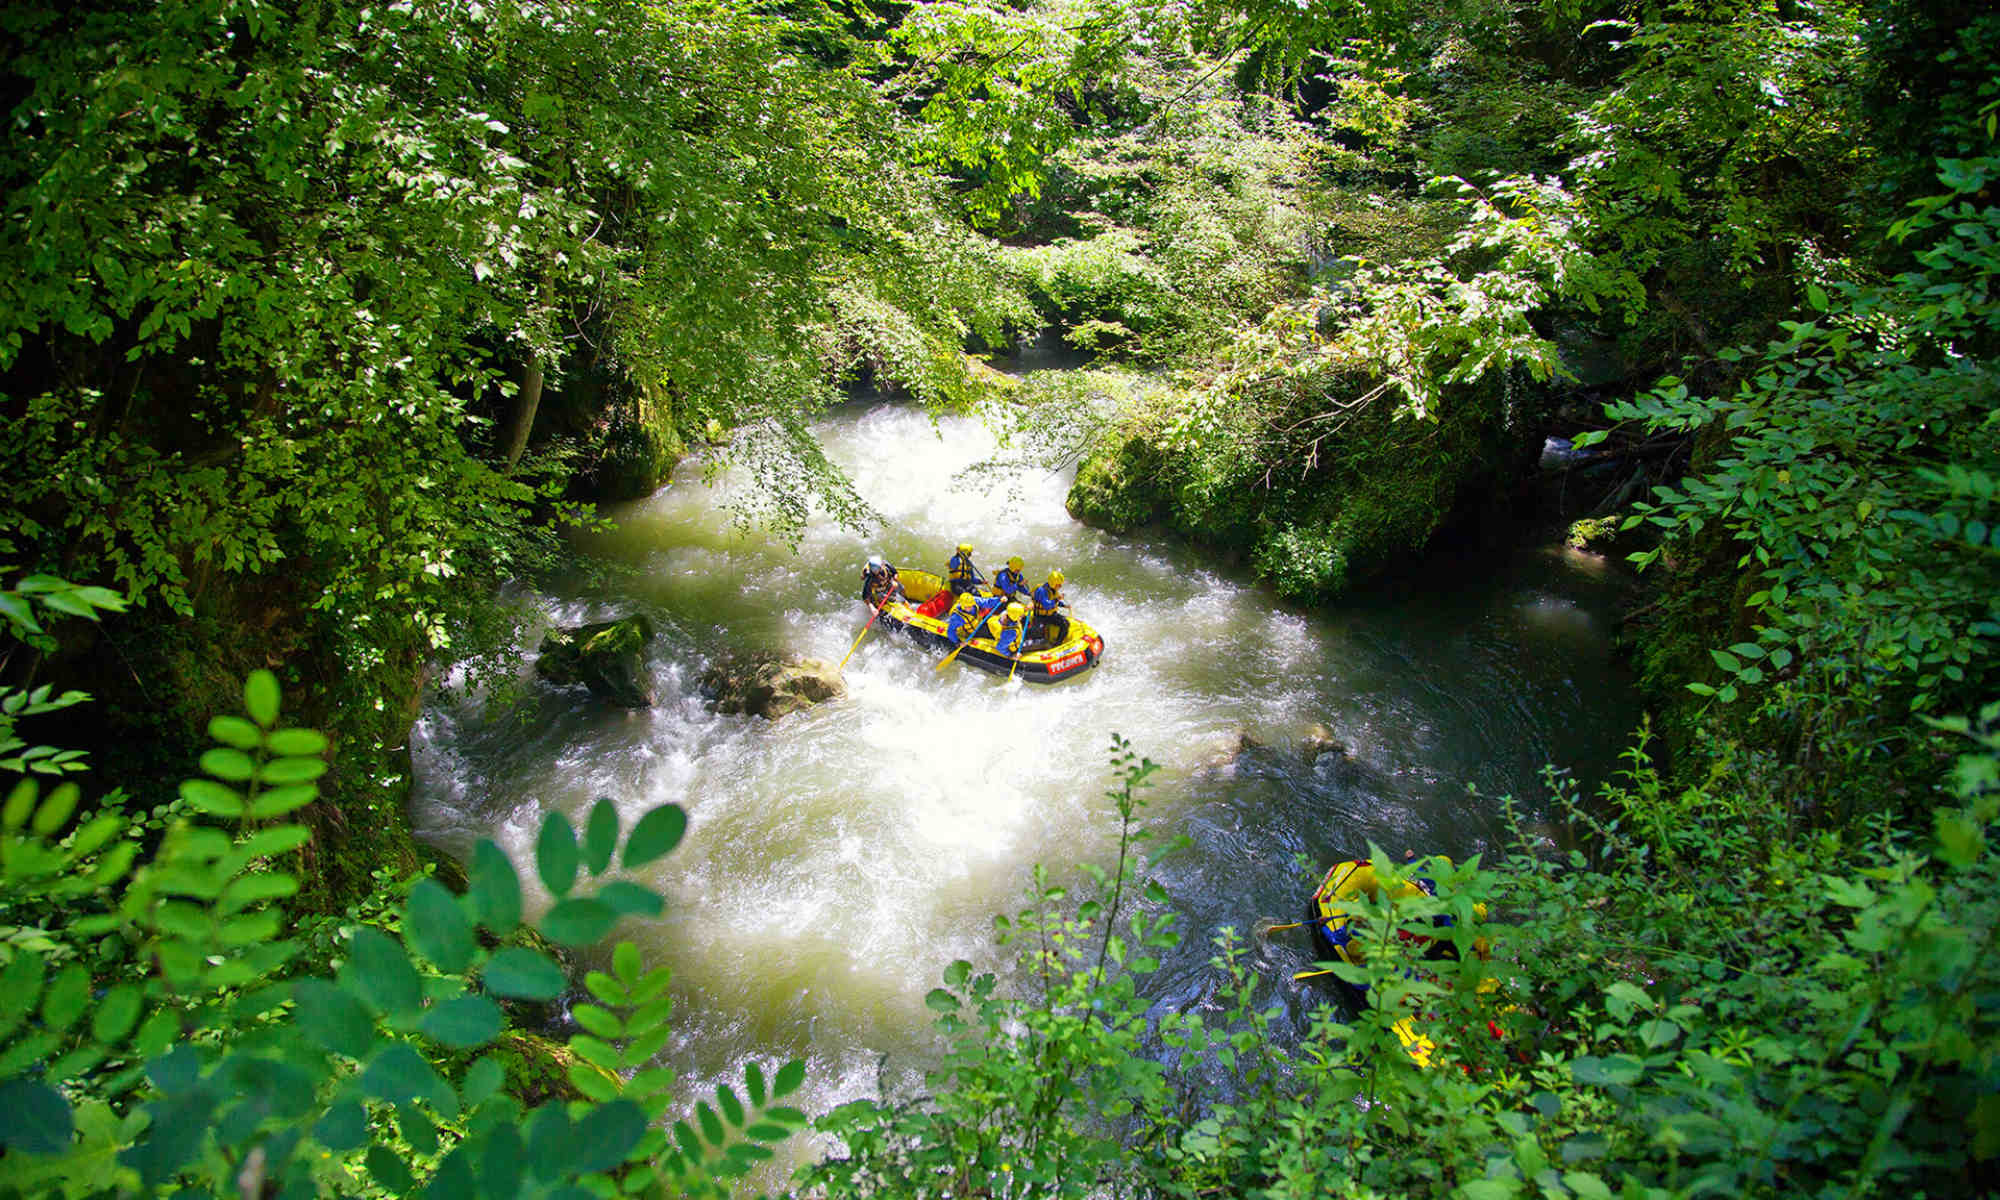 Due barche immerse nel verde scendono il fiume durante il rafting in Italia.